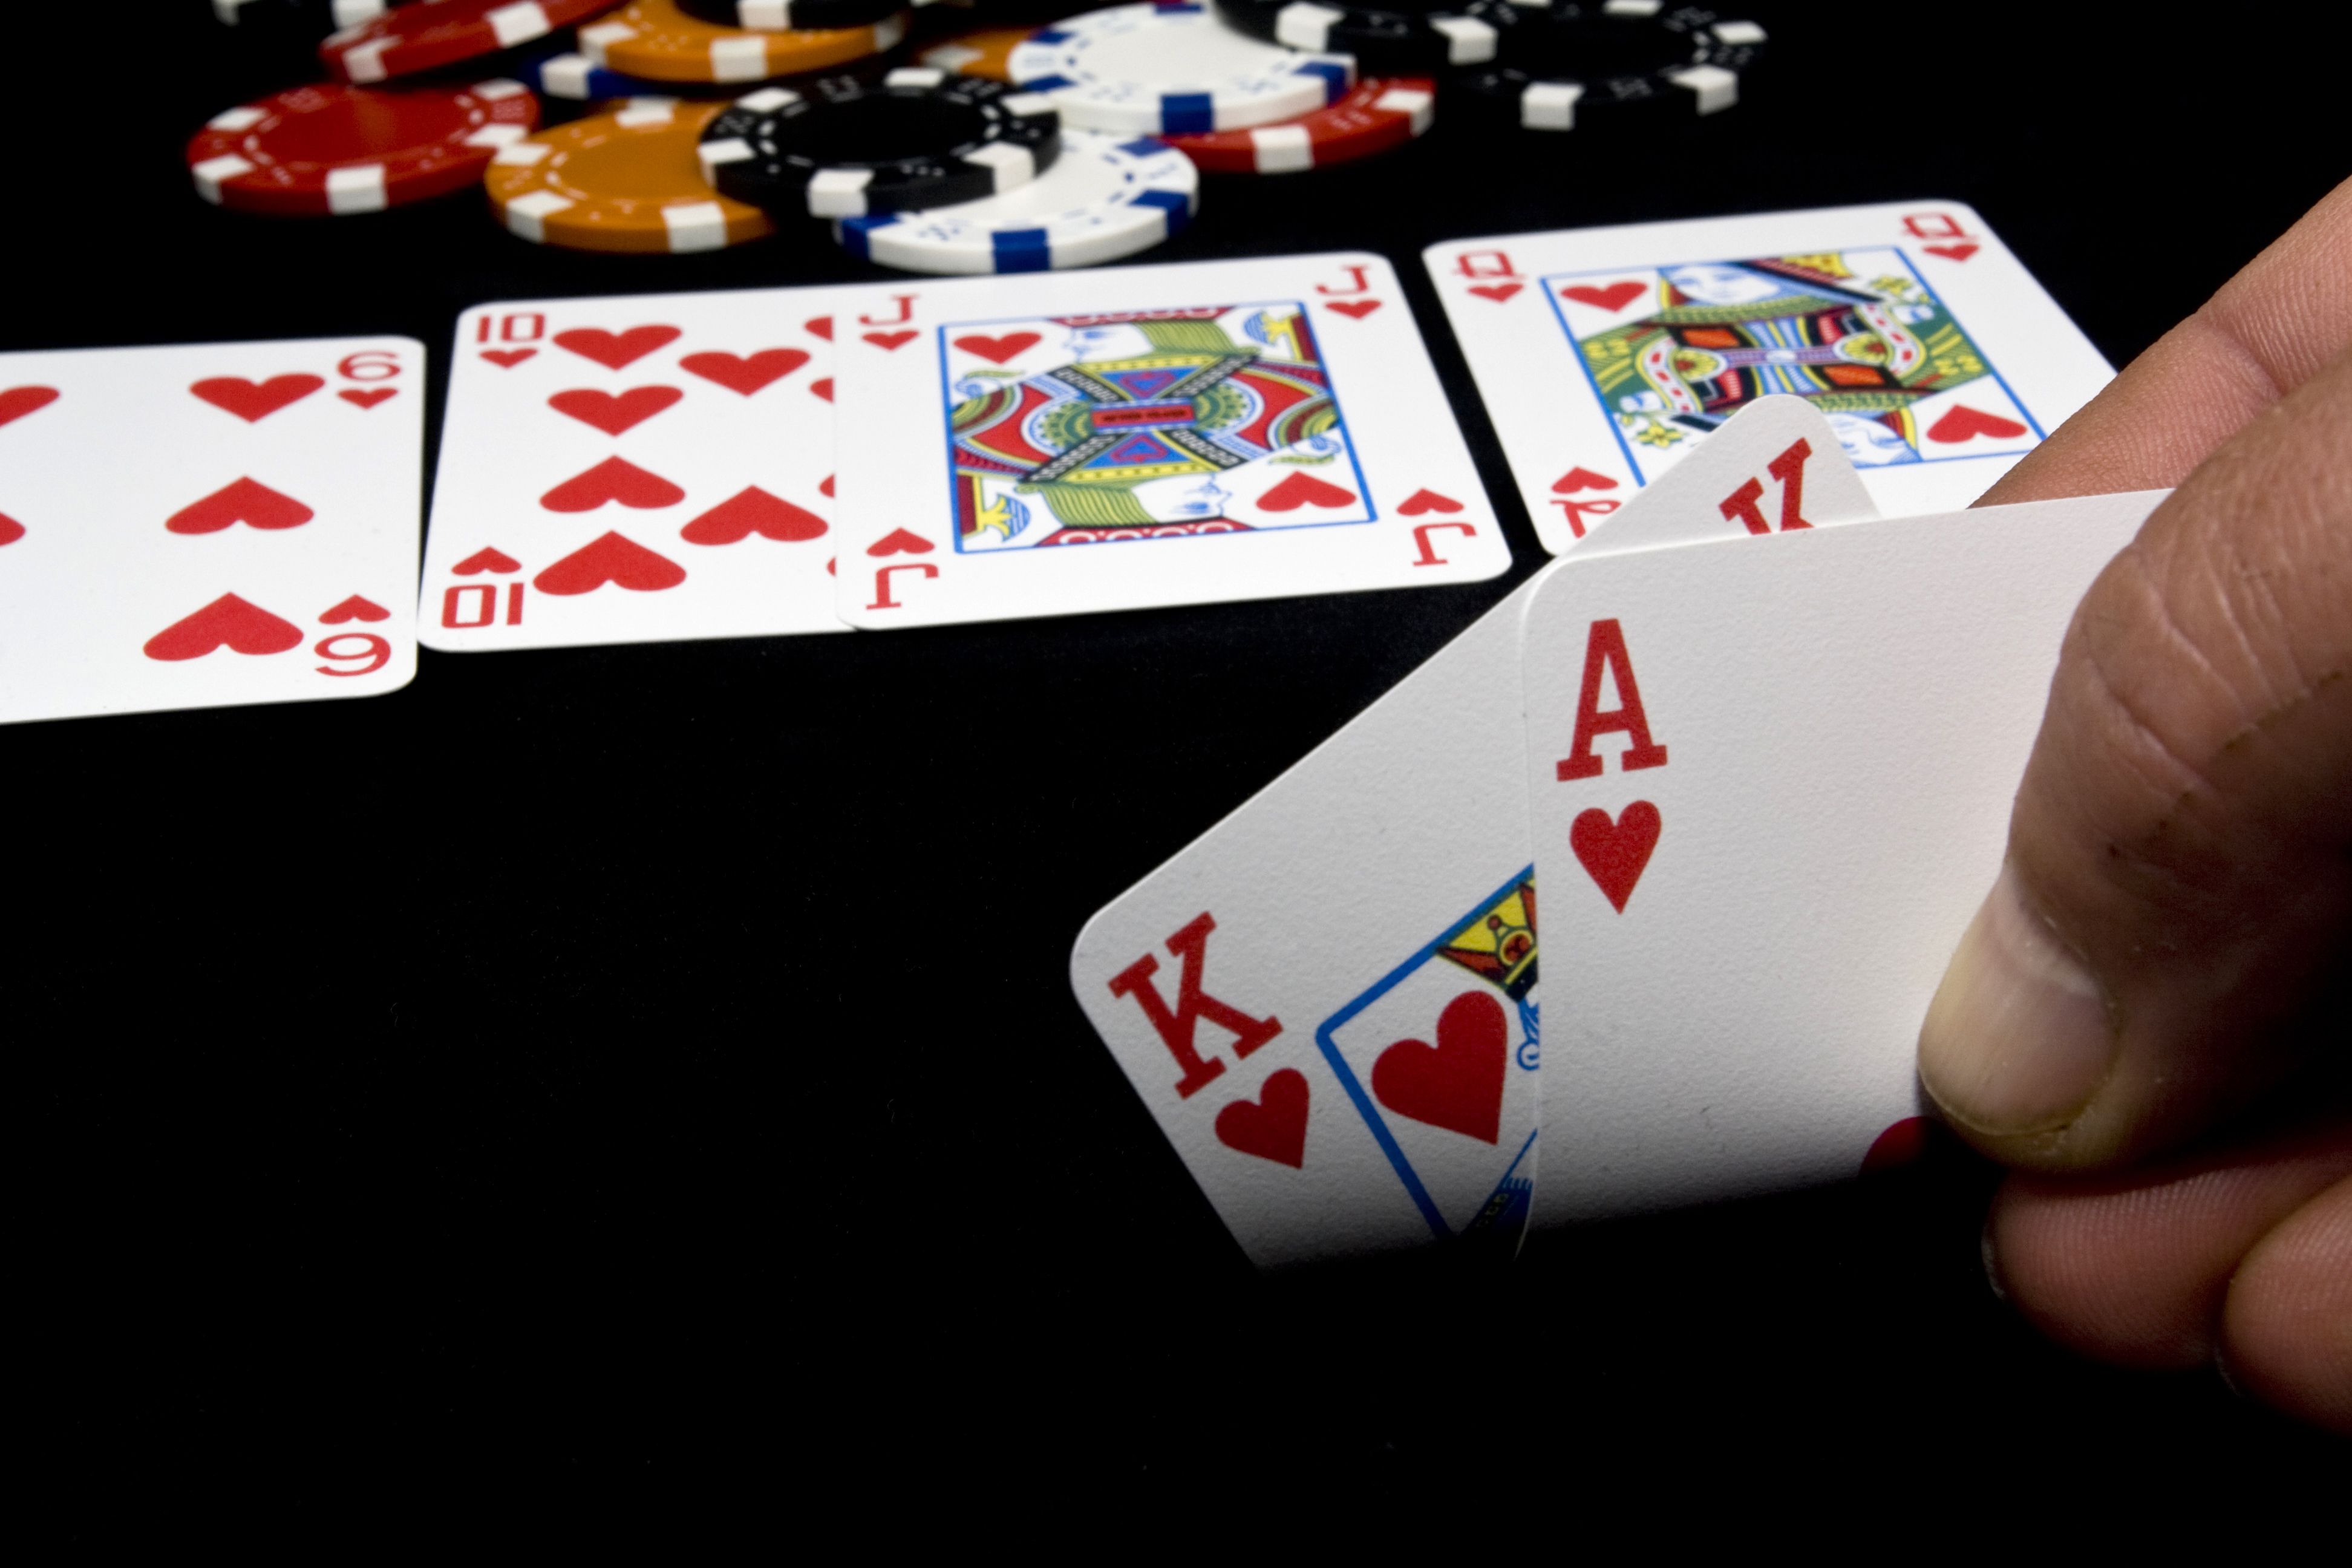 Poker Online Terpecaya Menjamin Service Memuaskan